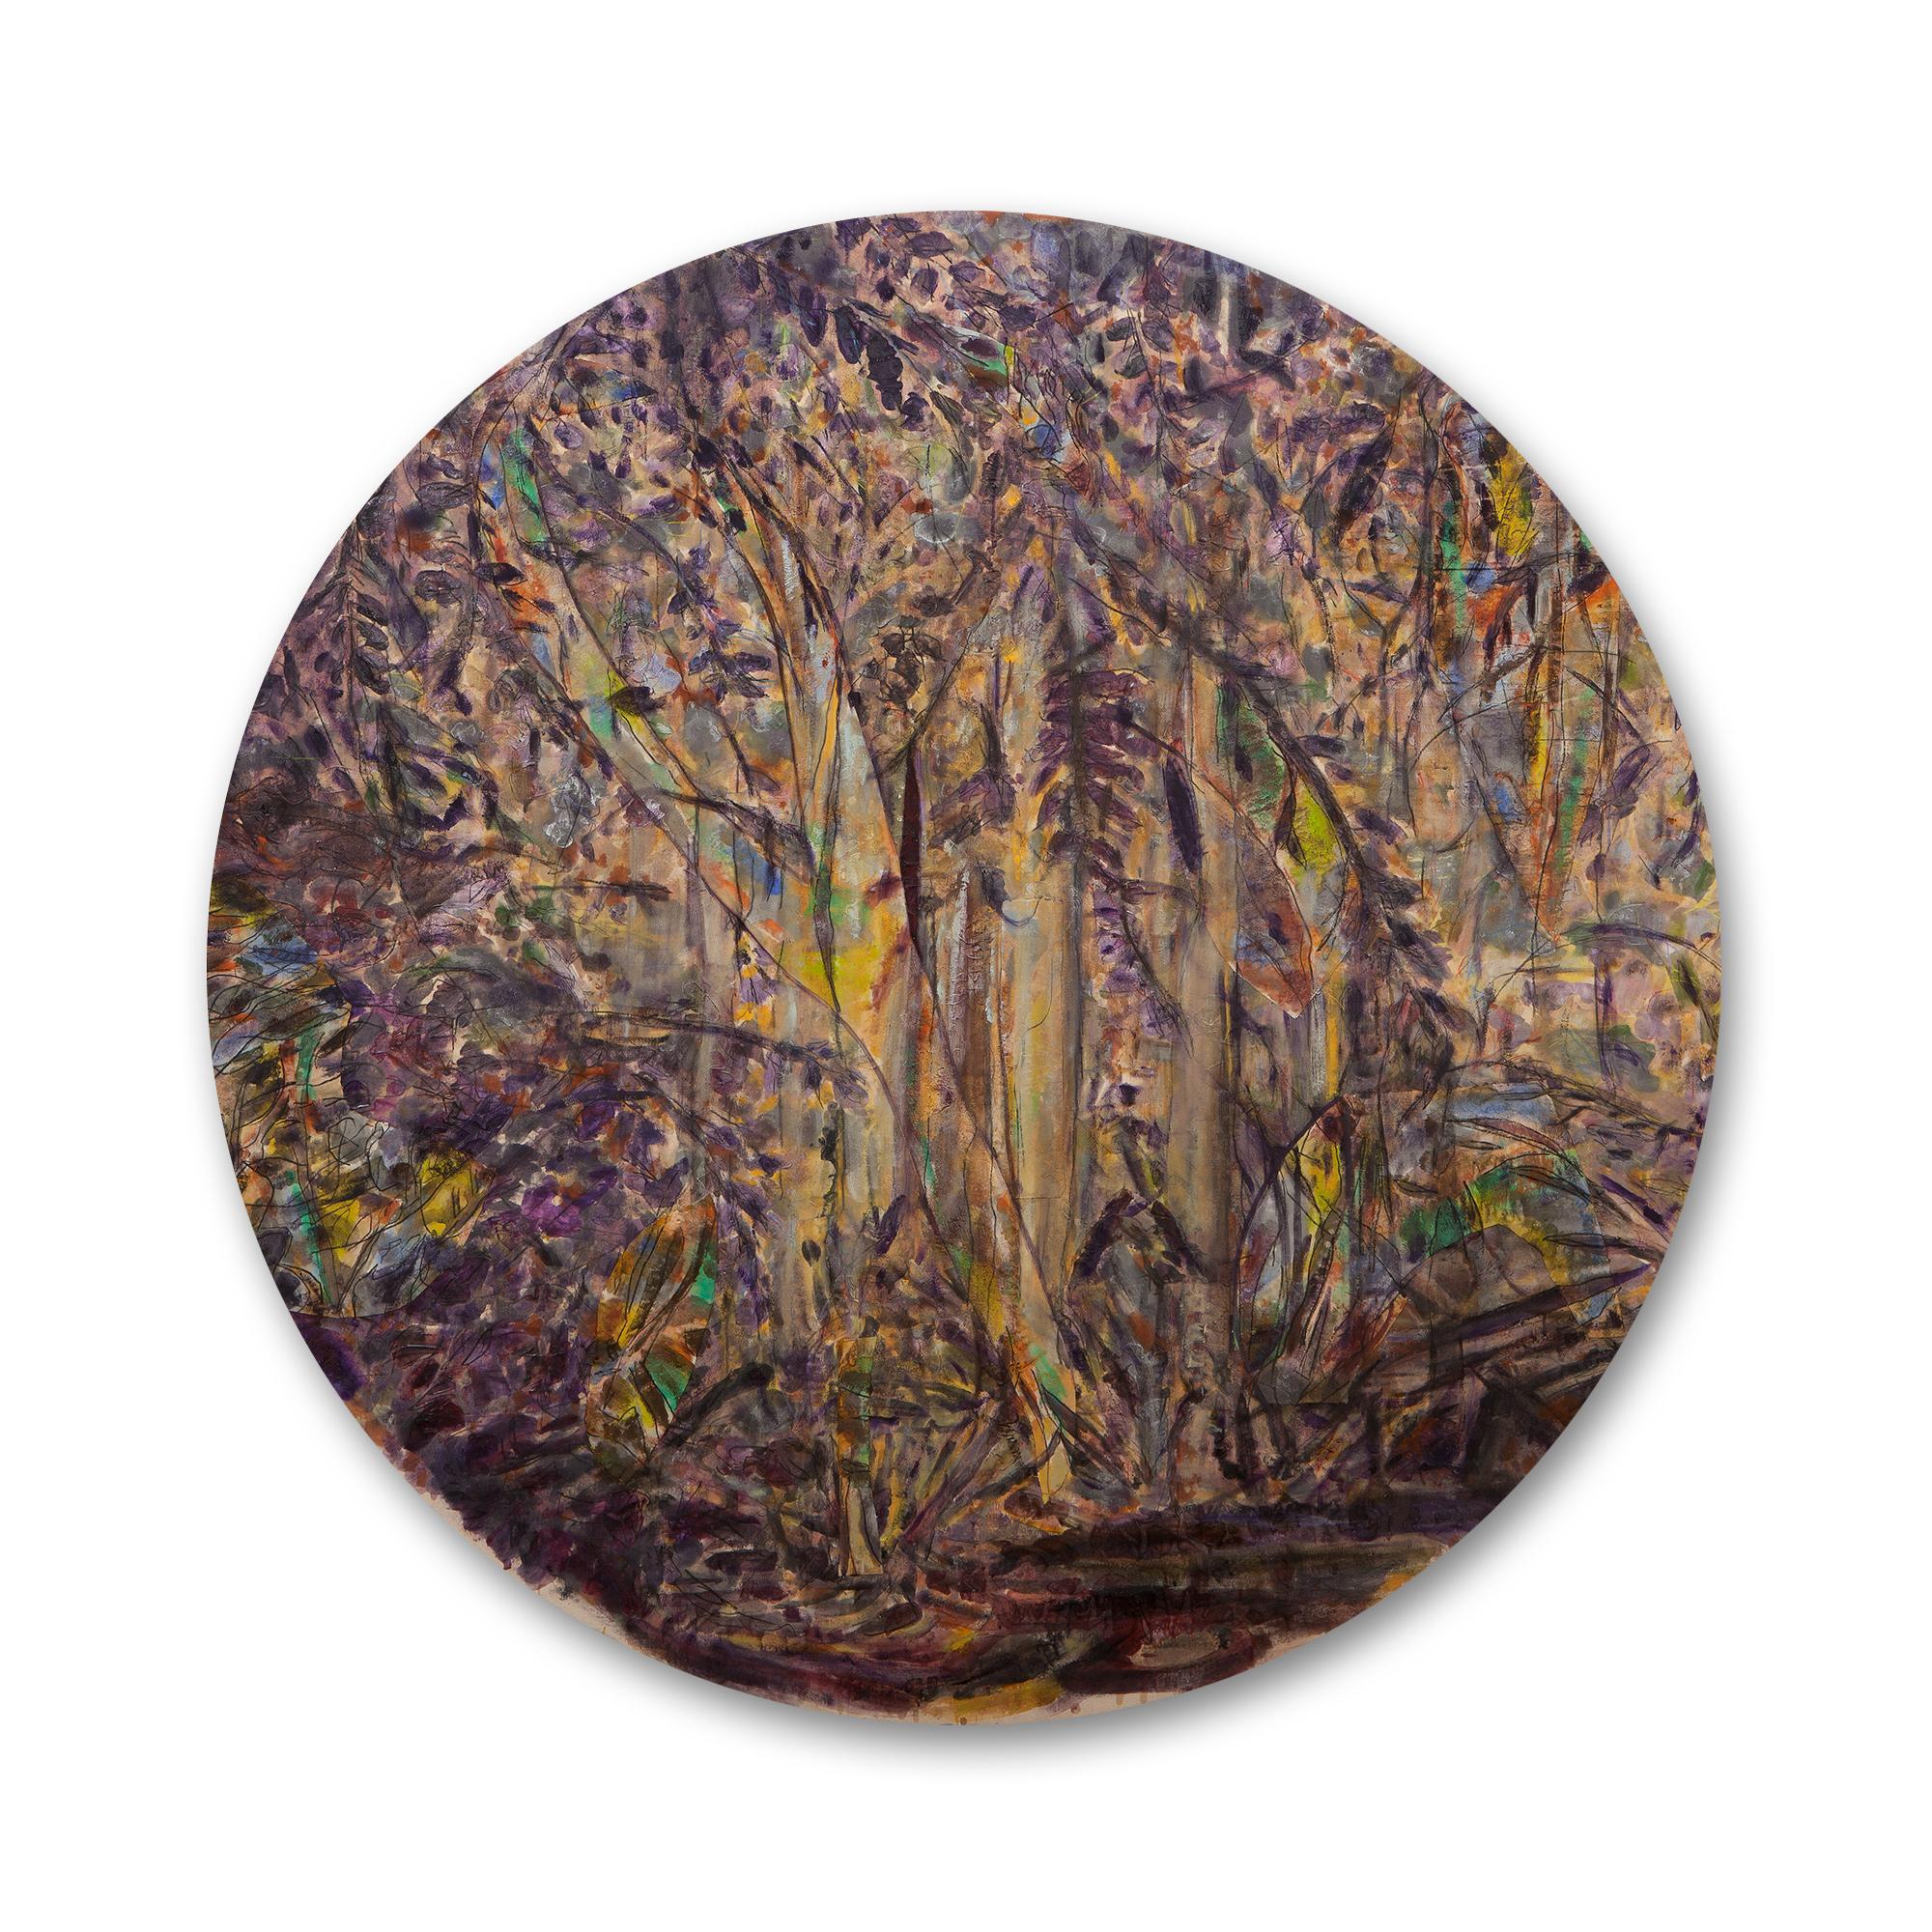 """גידי סמילנסקי, """"סבך"""", קוטר 180 ס""""מ, שמן על בד, 2014"""